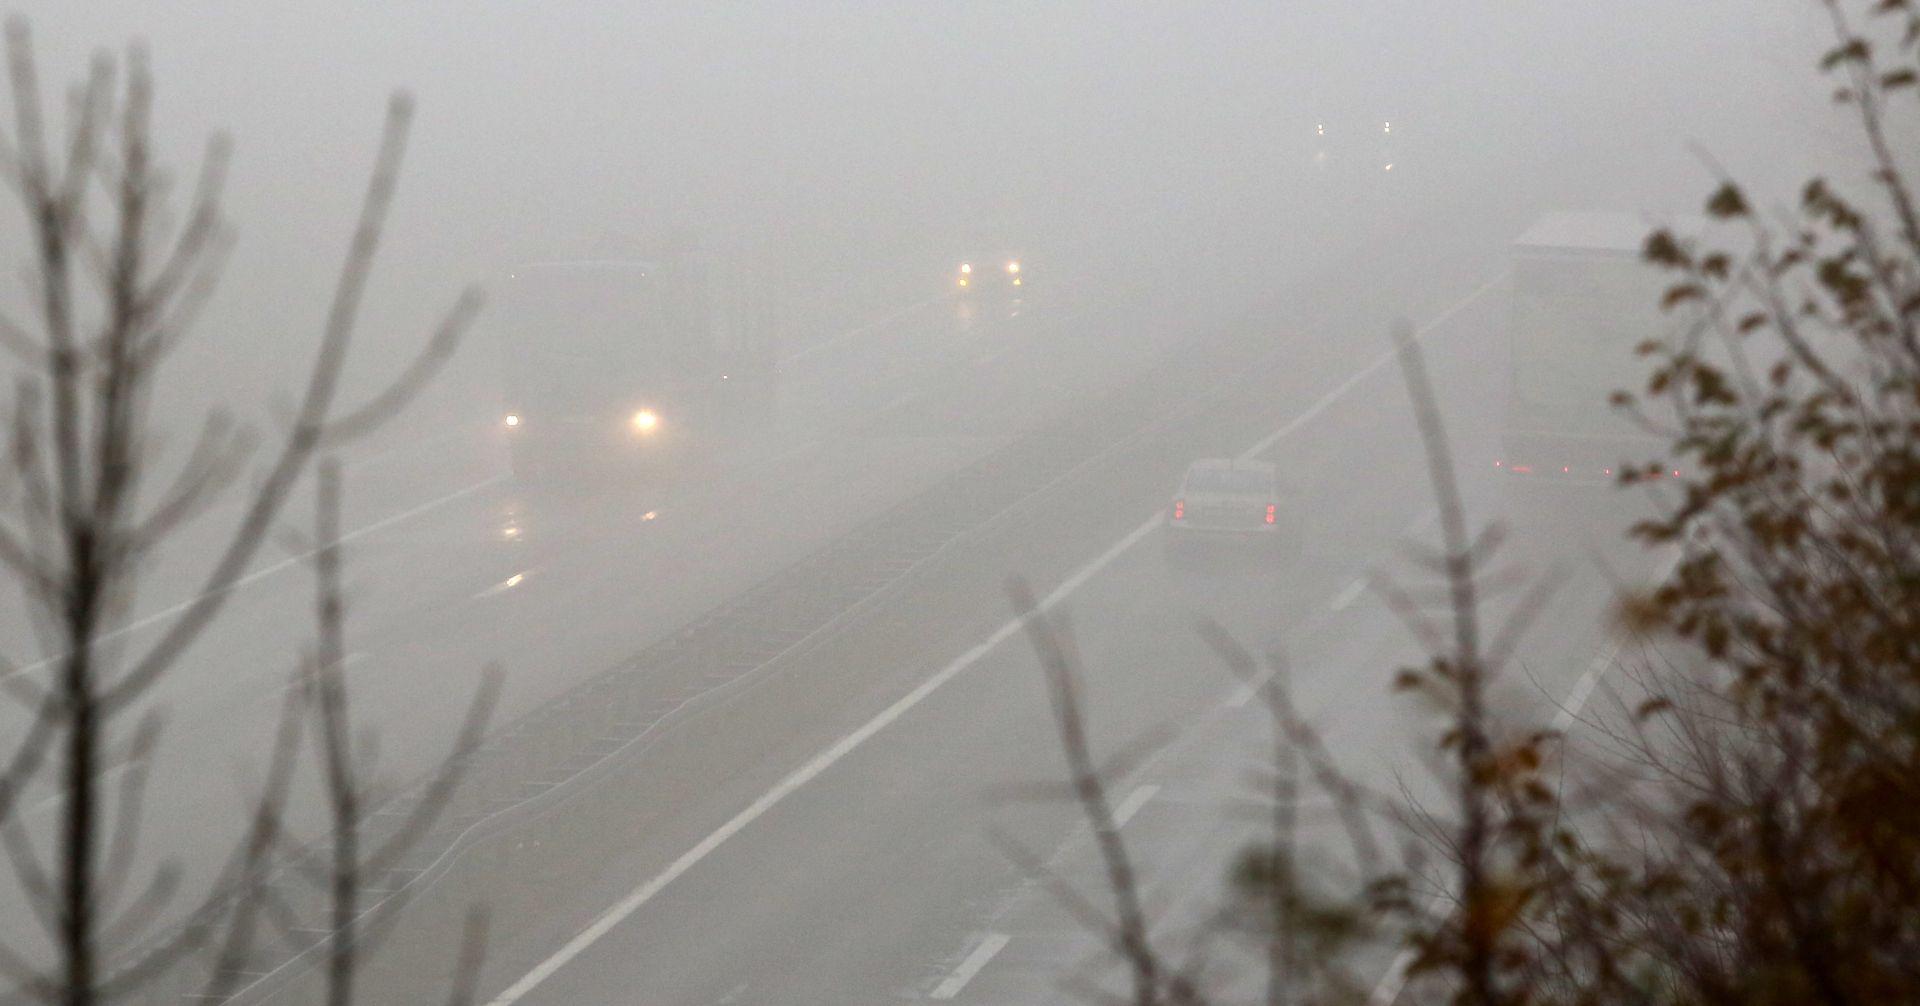 HAK Kolnici mokri i skliski, magla smanjuje vidljivost